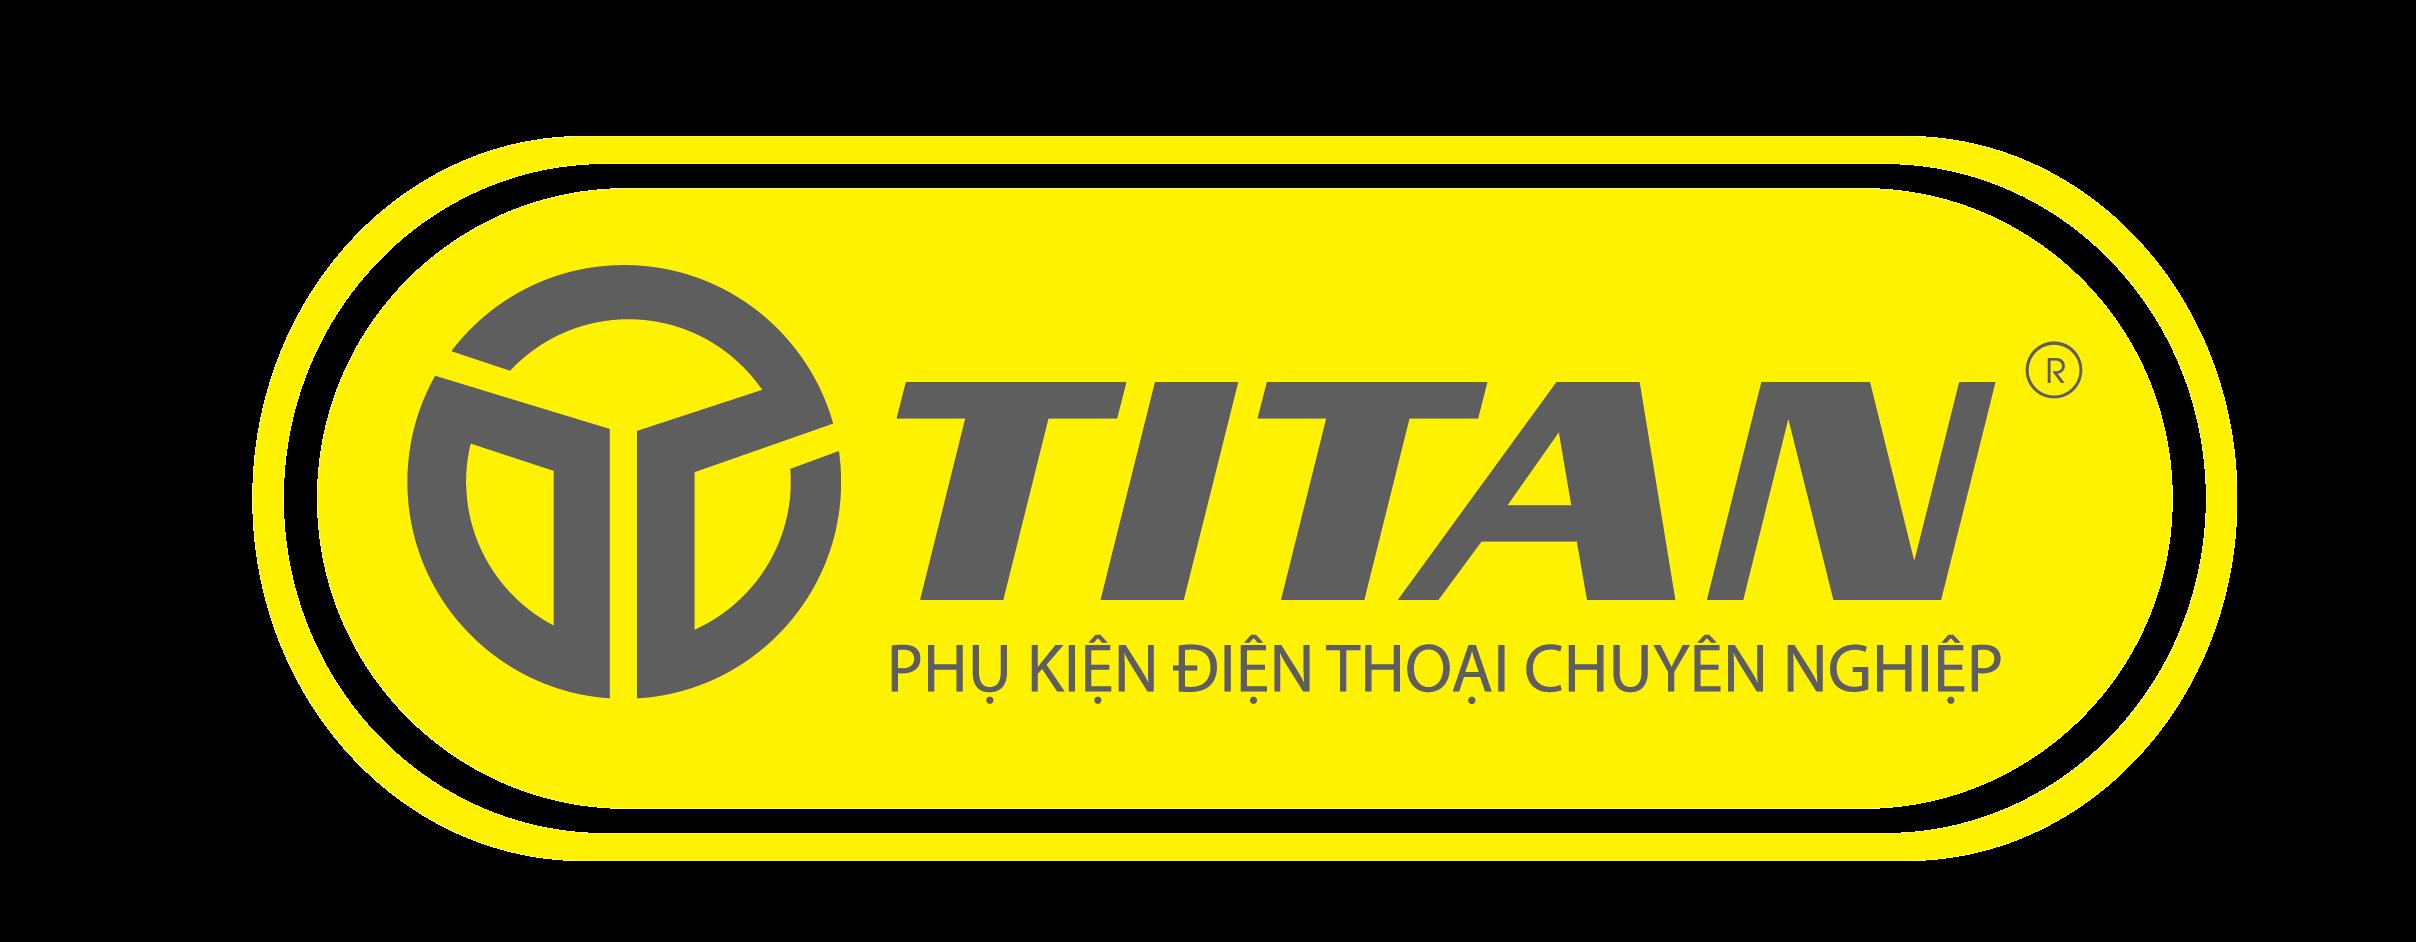 Logo Công ty Cổ phần thương mại TITAN Việt Nam